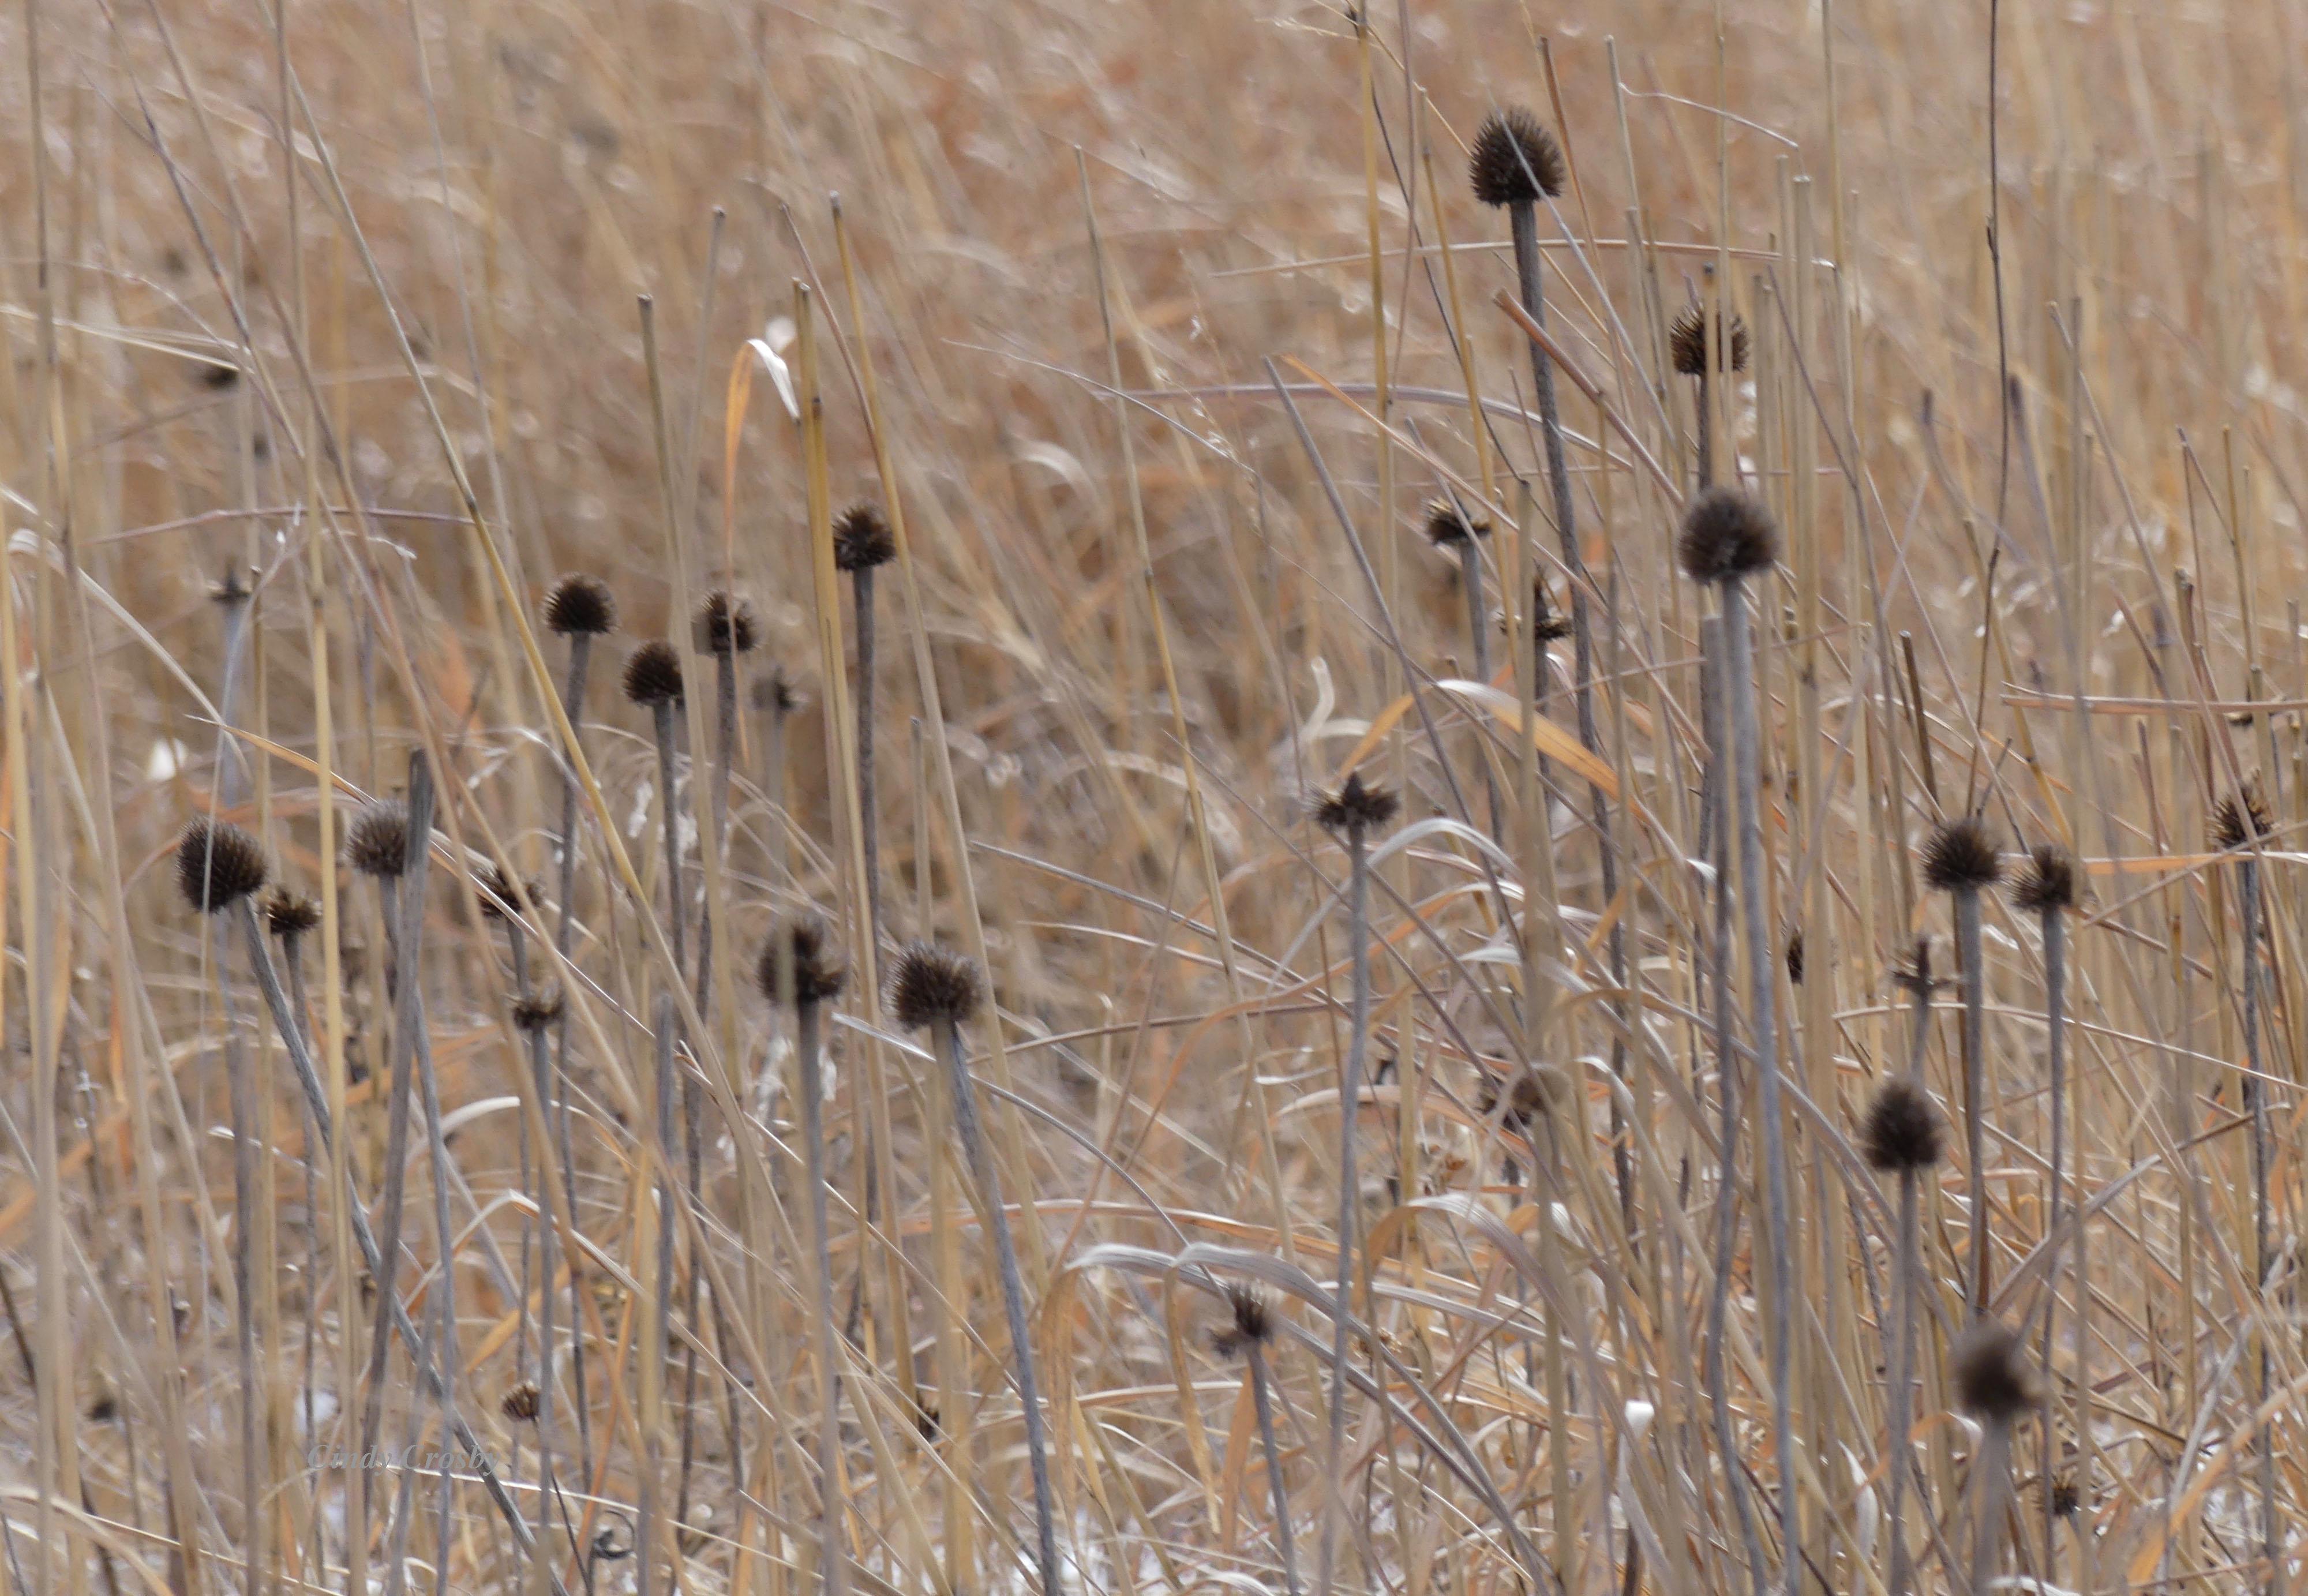 palepurpleconeflowersbelmontprairie12020WM.jpg